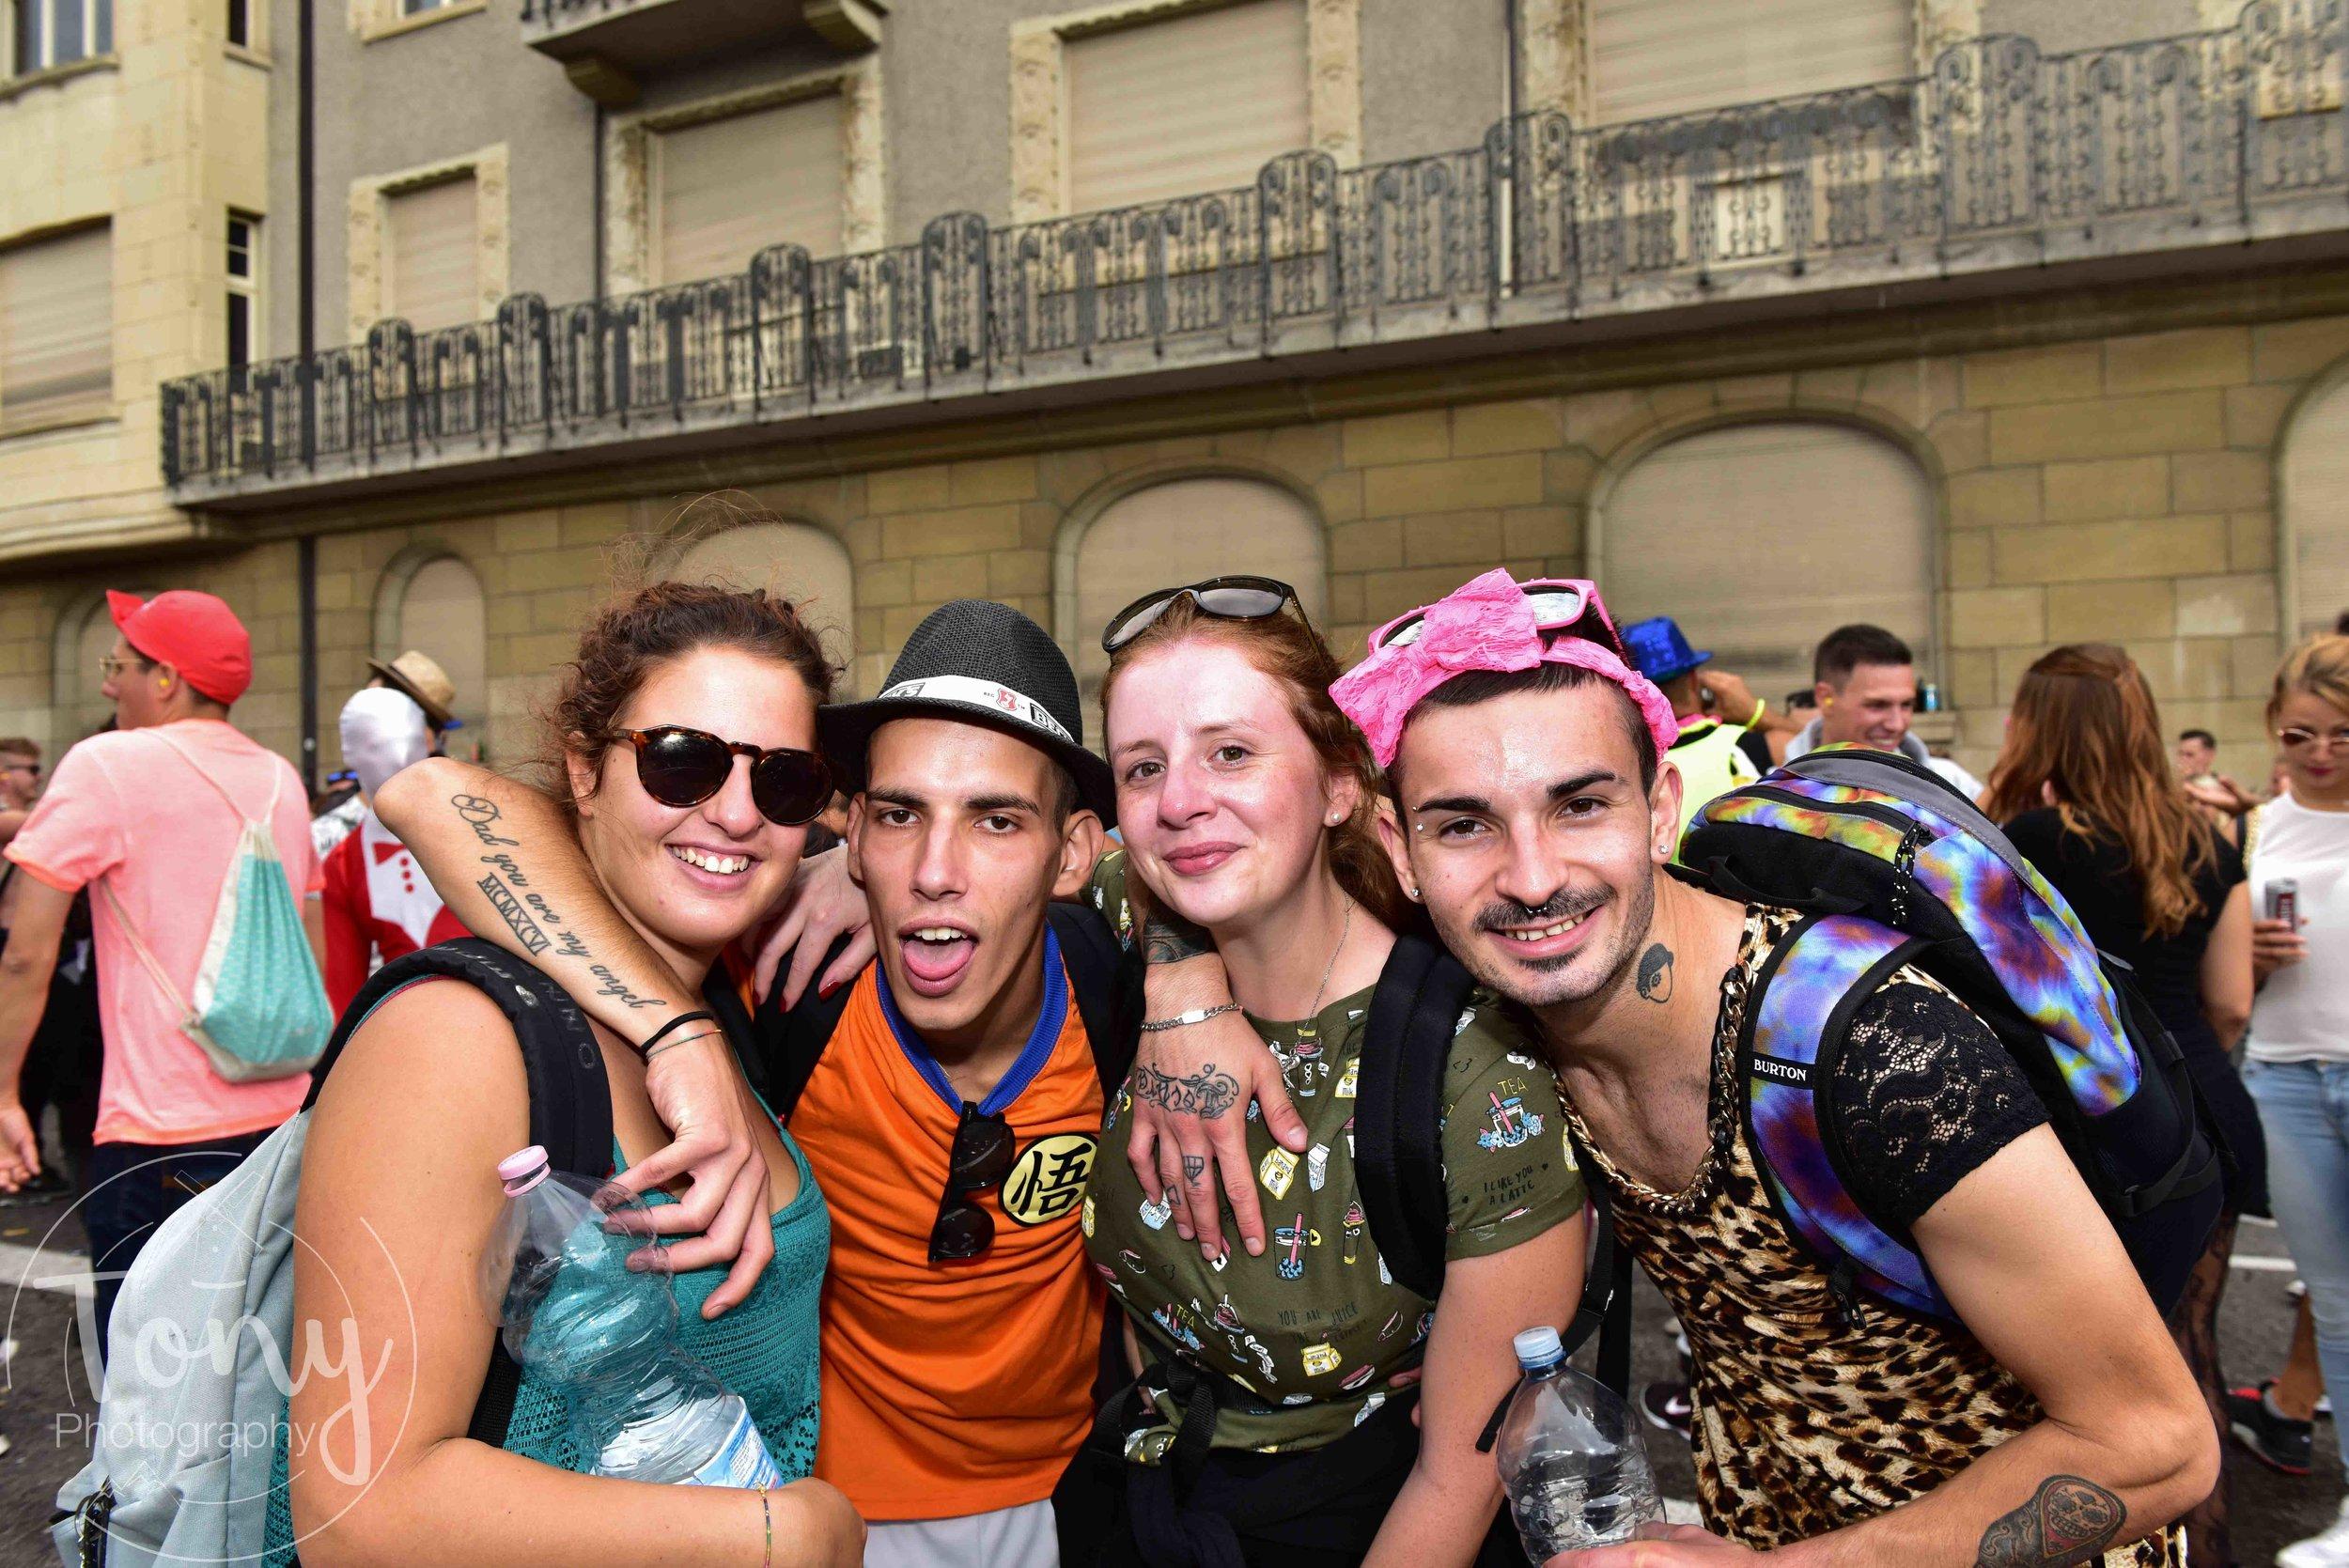 streetparade-200.jpg